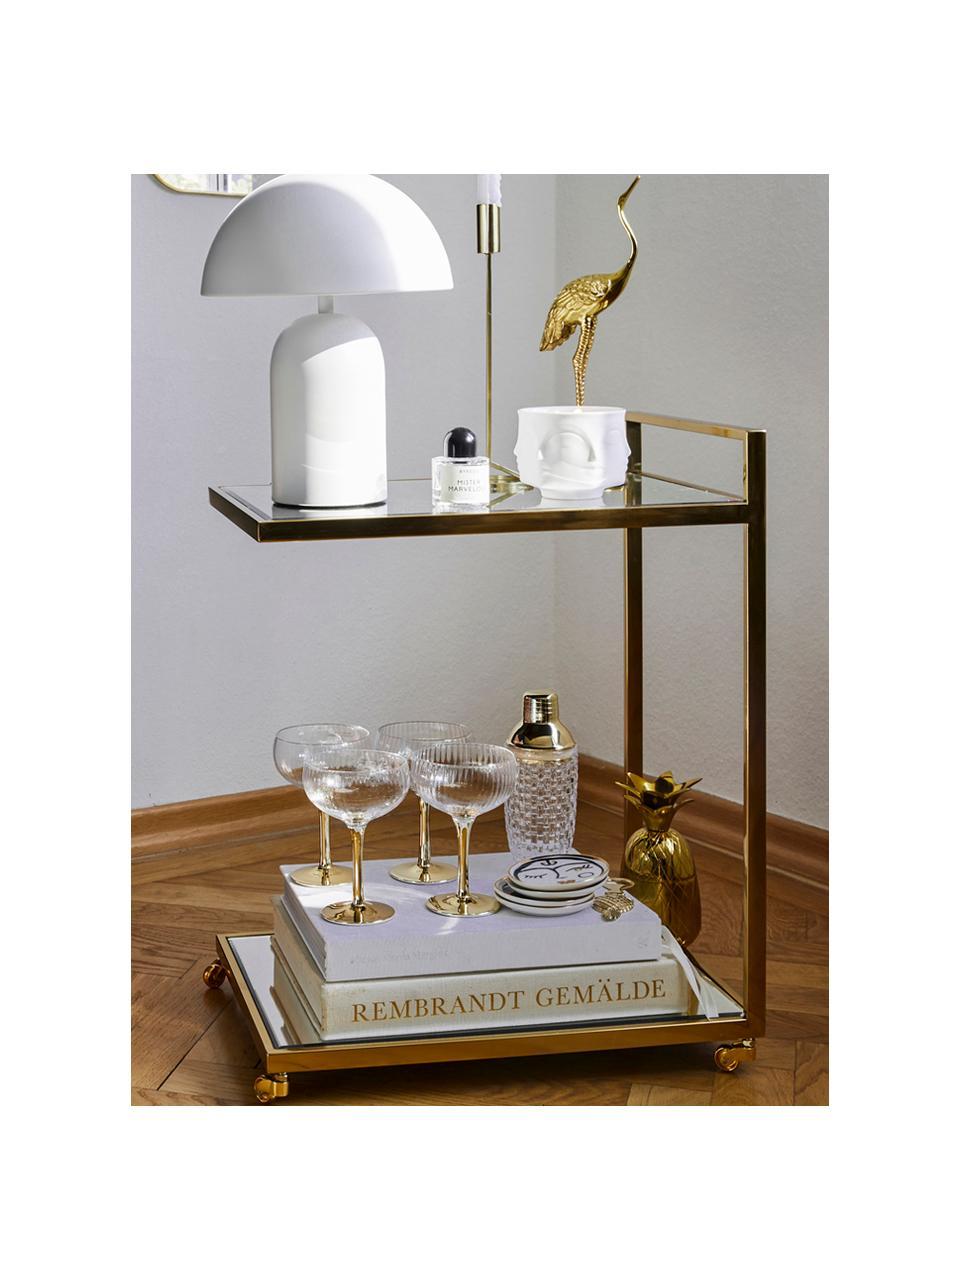 Cocktail shaker trasparente/dorato Jolin, Shaker: vetro, Trasparente, dorato, Ø 9 x Alt. 22 cm